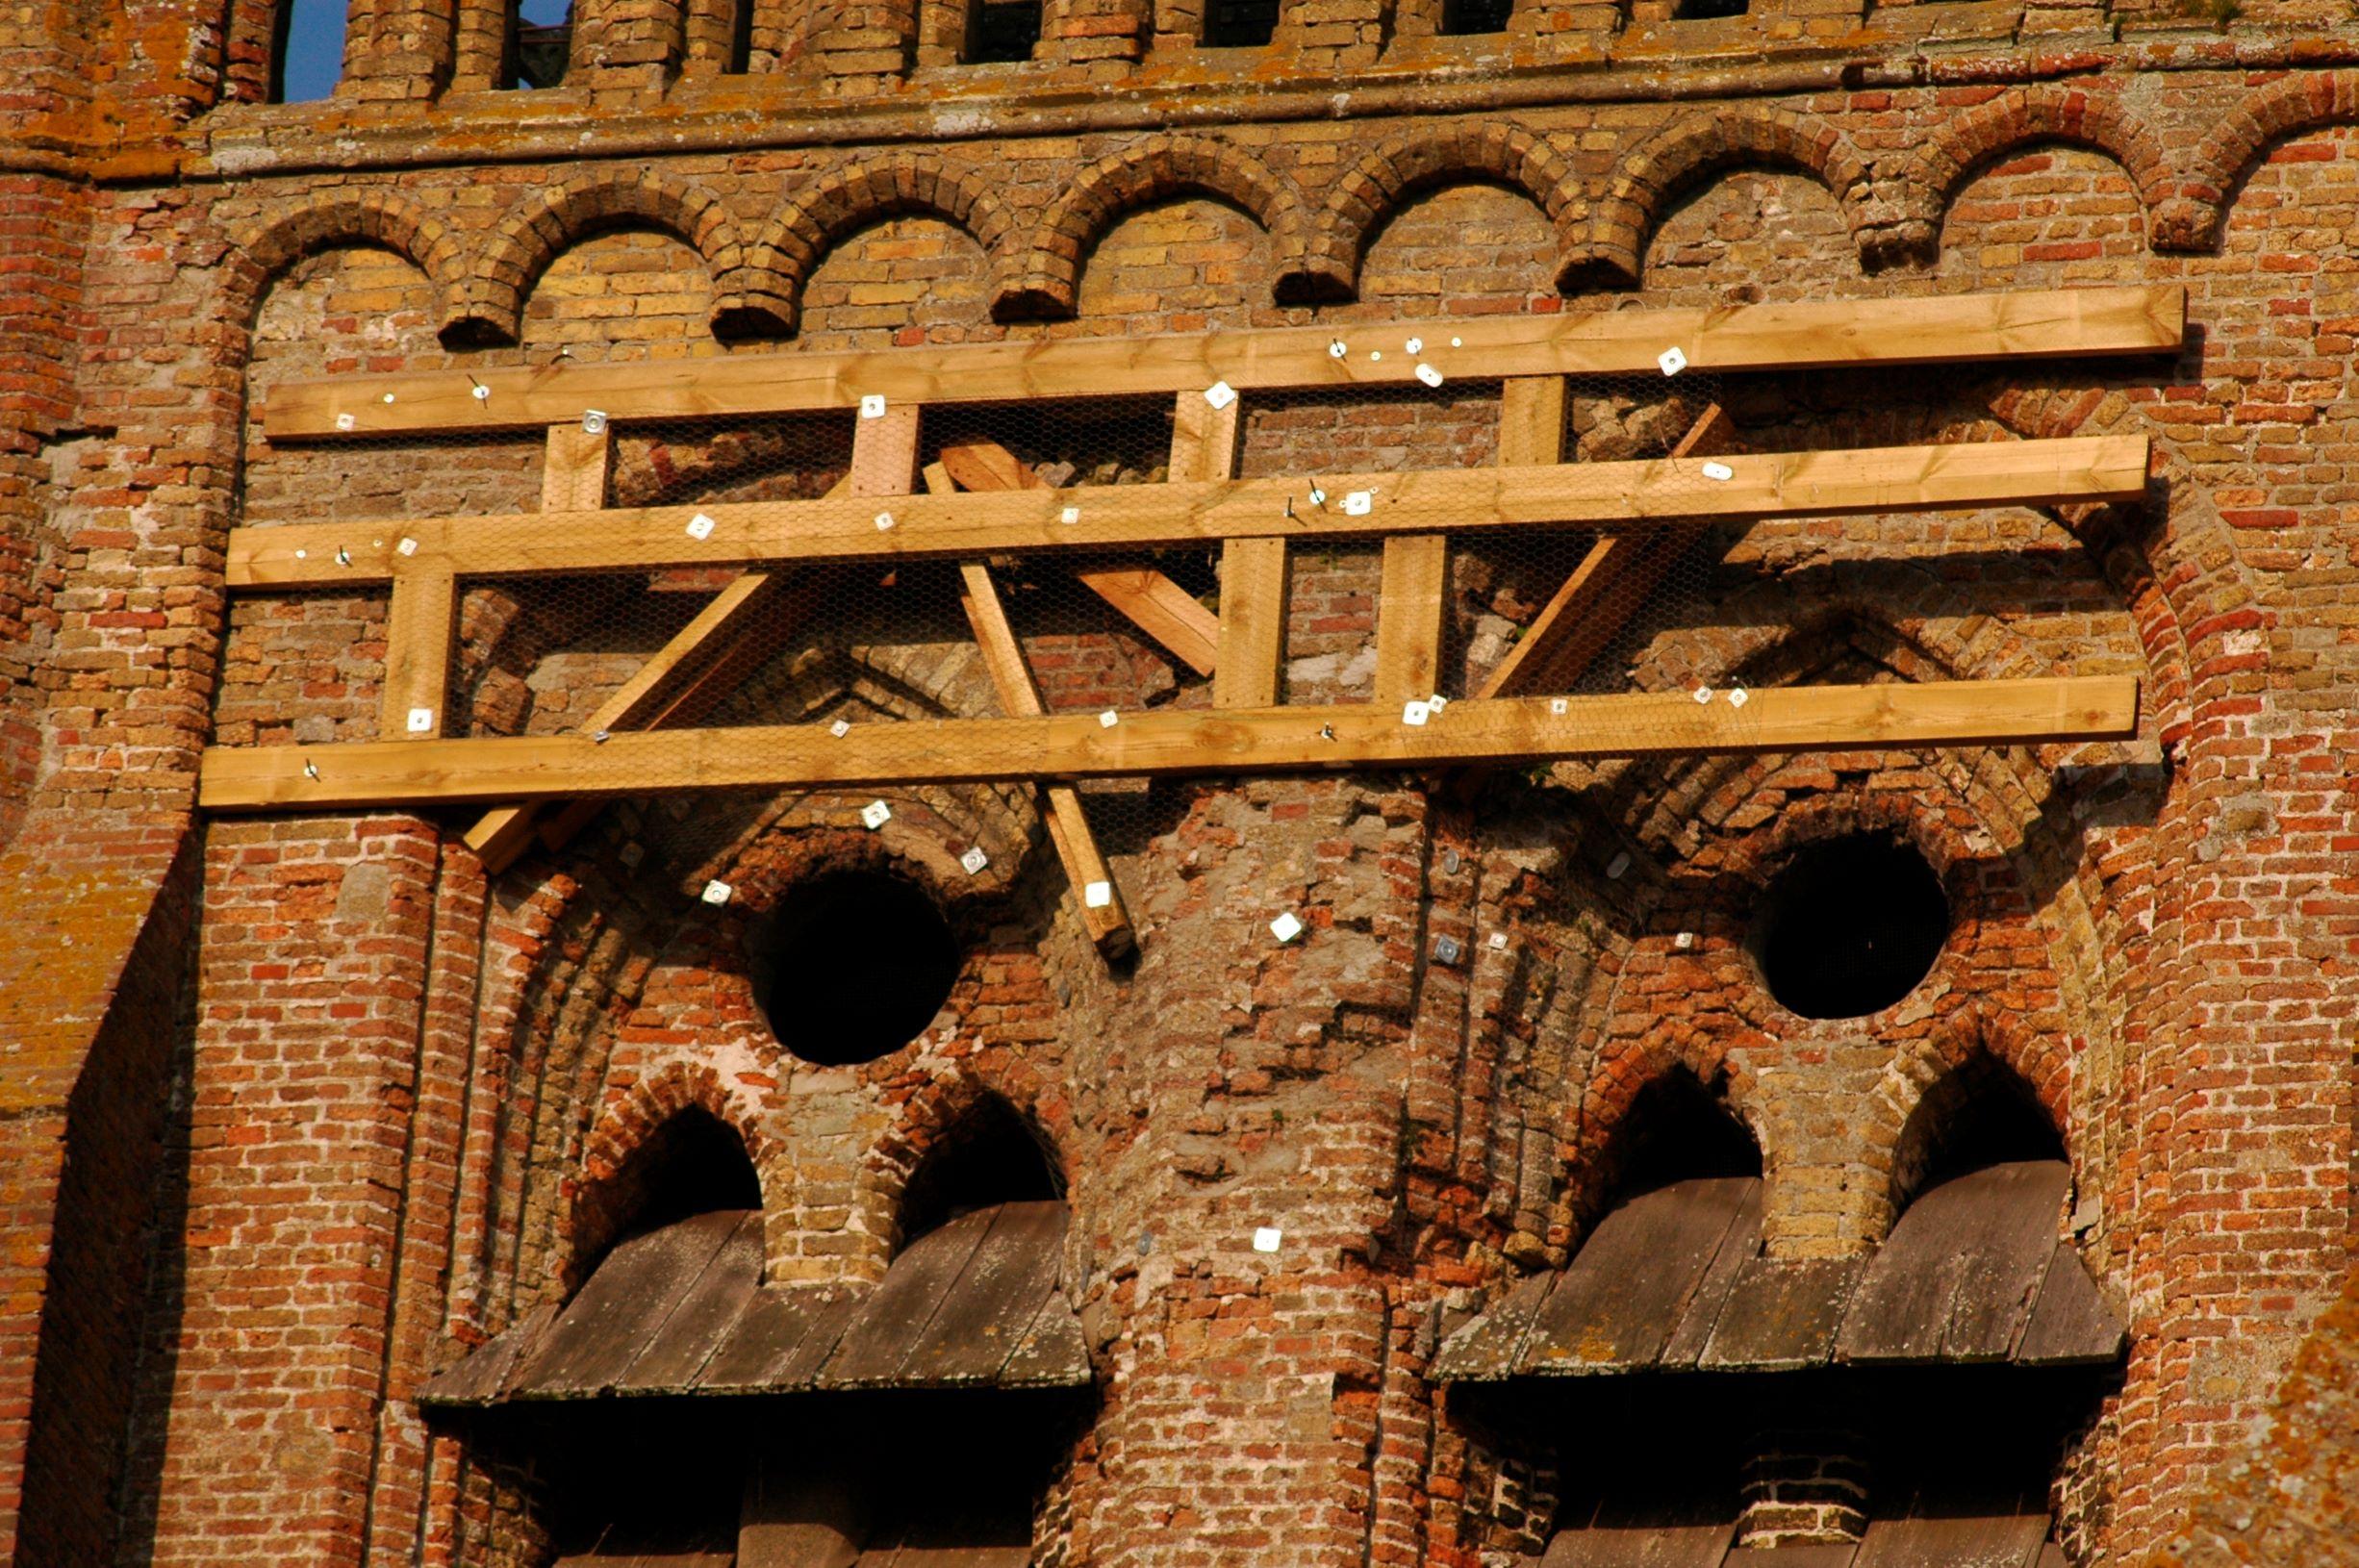 2_Eglise_Degats_facade_2009_2010.jpg